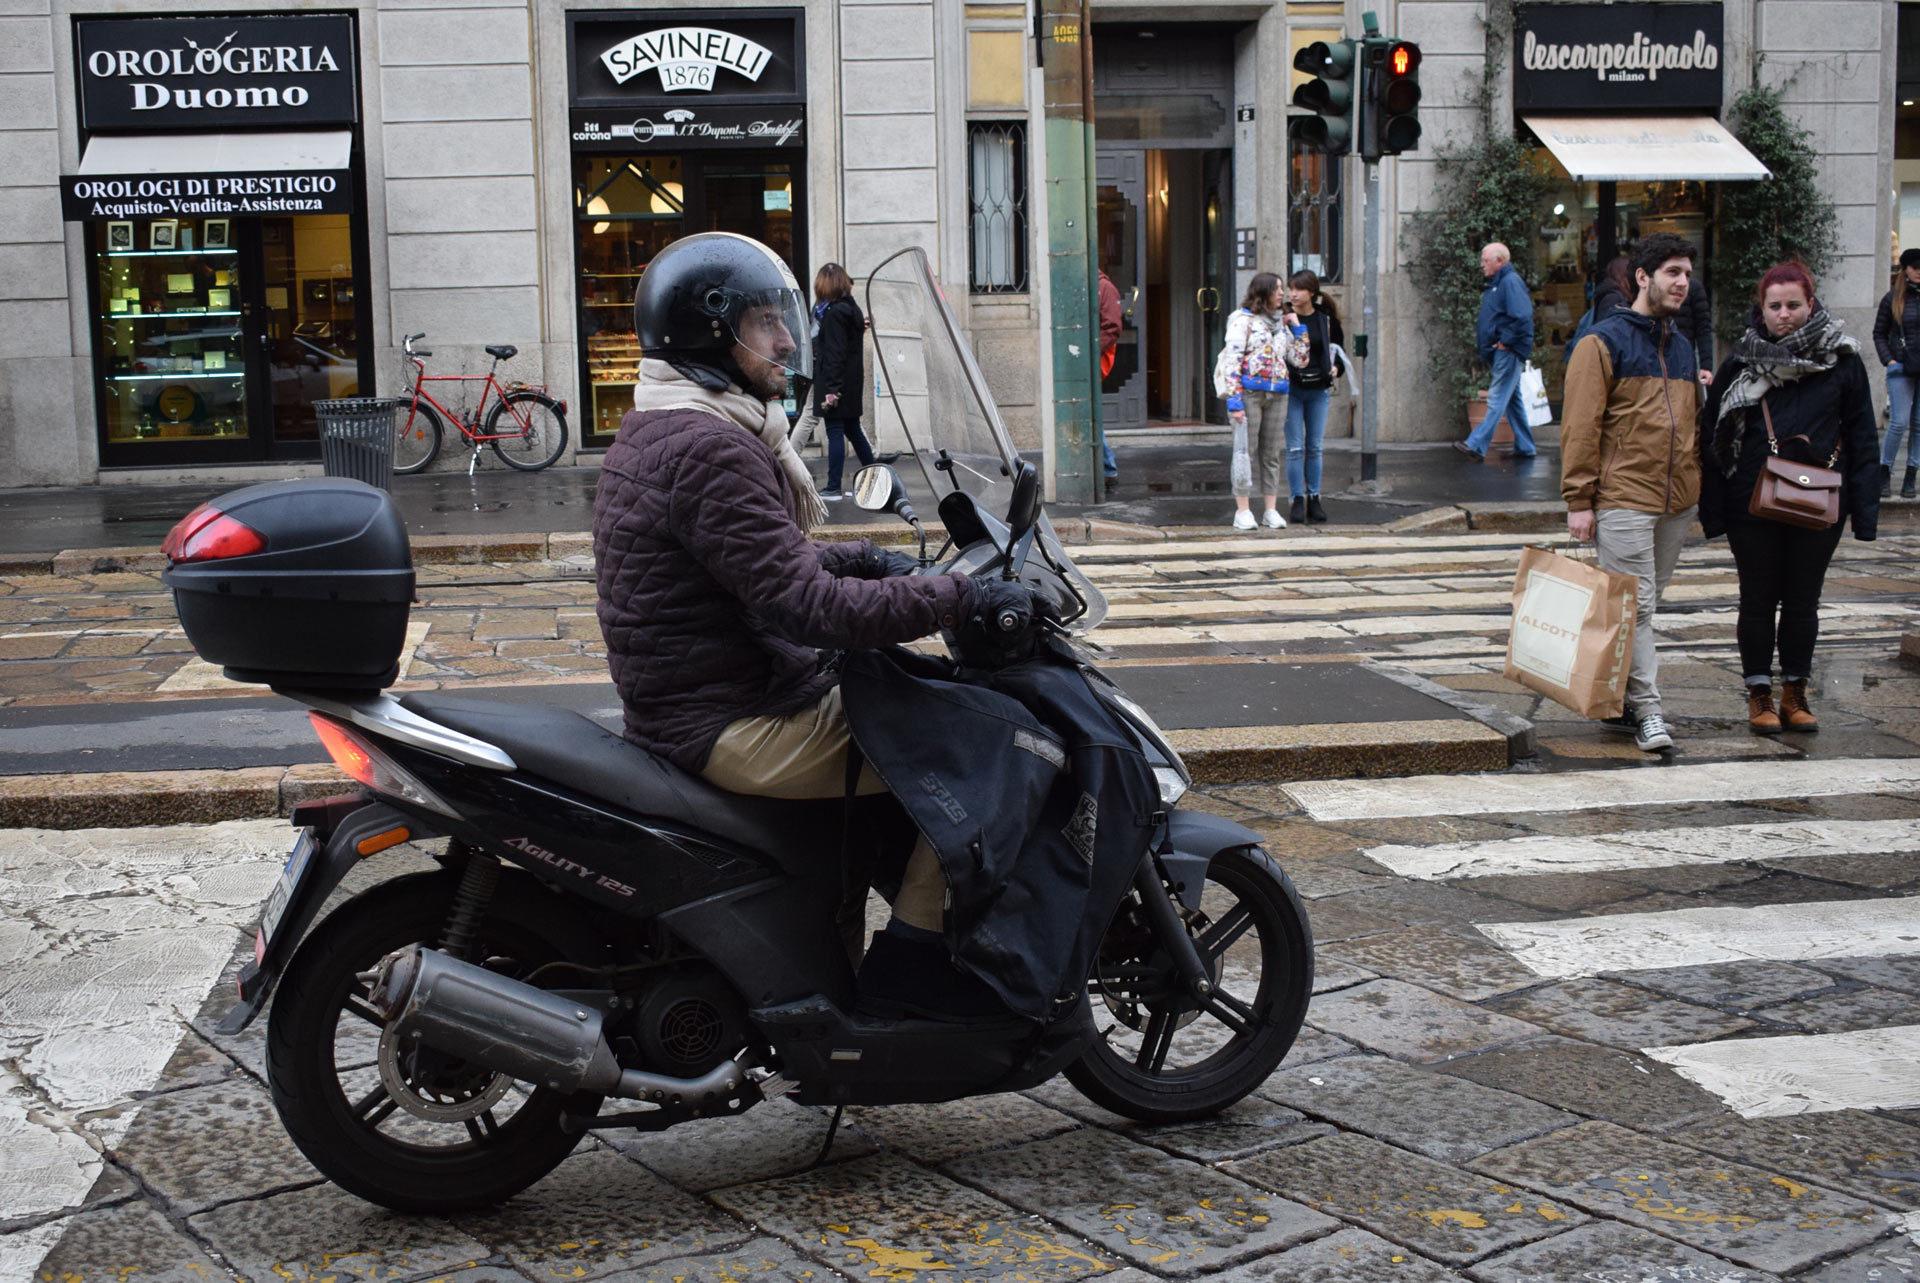 『バイク天国☆イタリアの旅 (2019年版)』その6 ミラノの街でよく見かけるバイクはコレだ!_d0099181_19512373.jpg